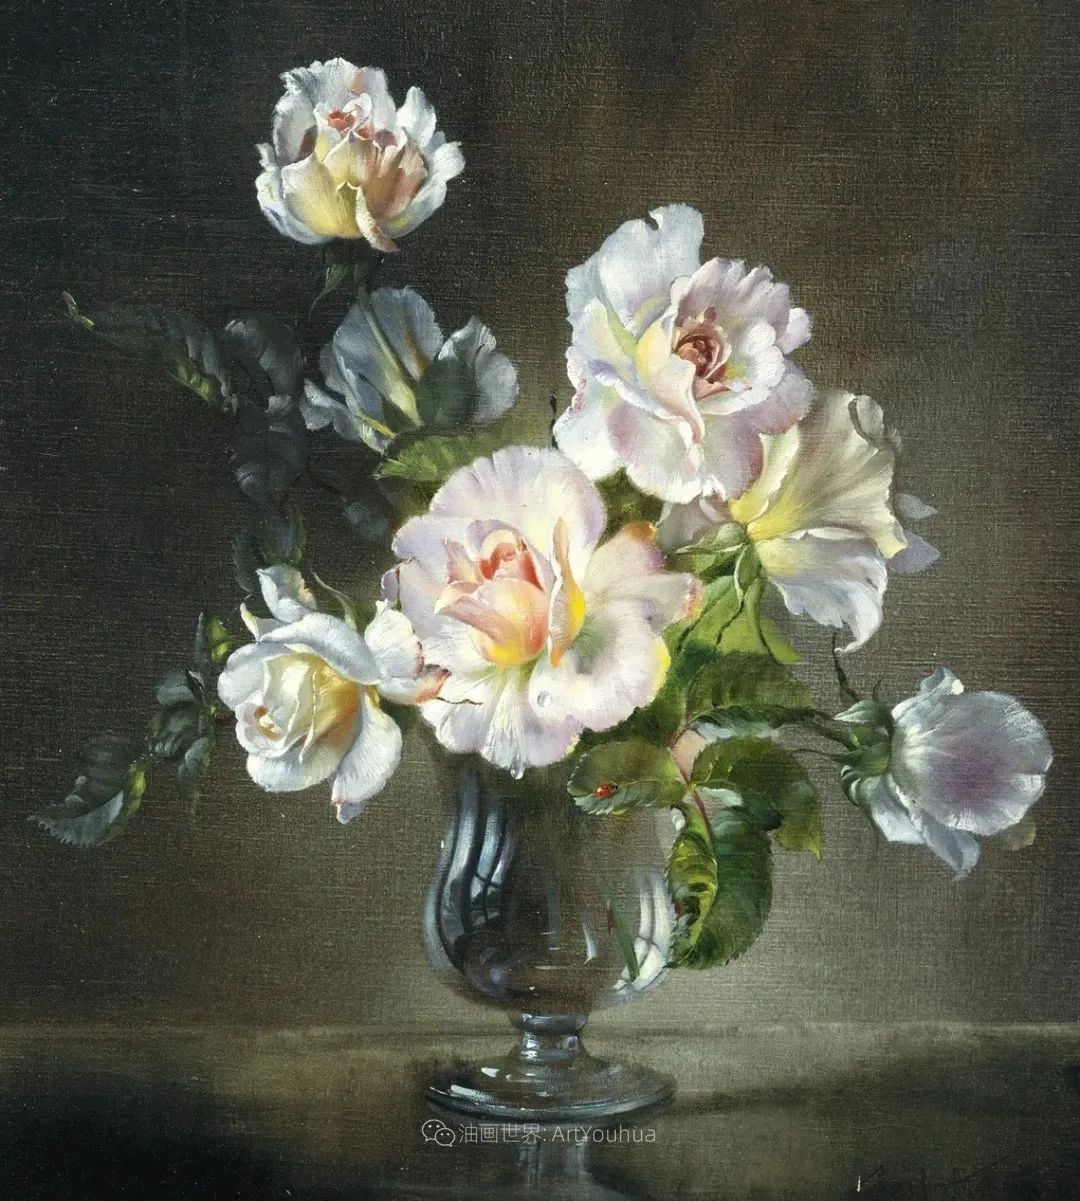 英国最伟大的花卉画家之一,艺术家塞西尔·肯尼迪插图31